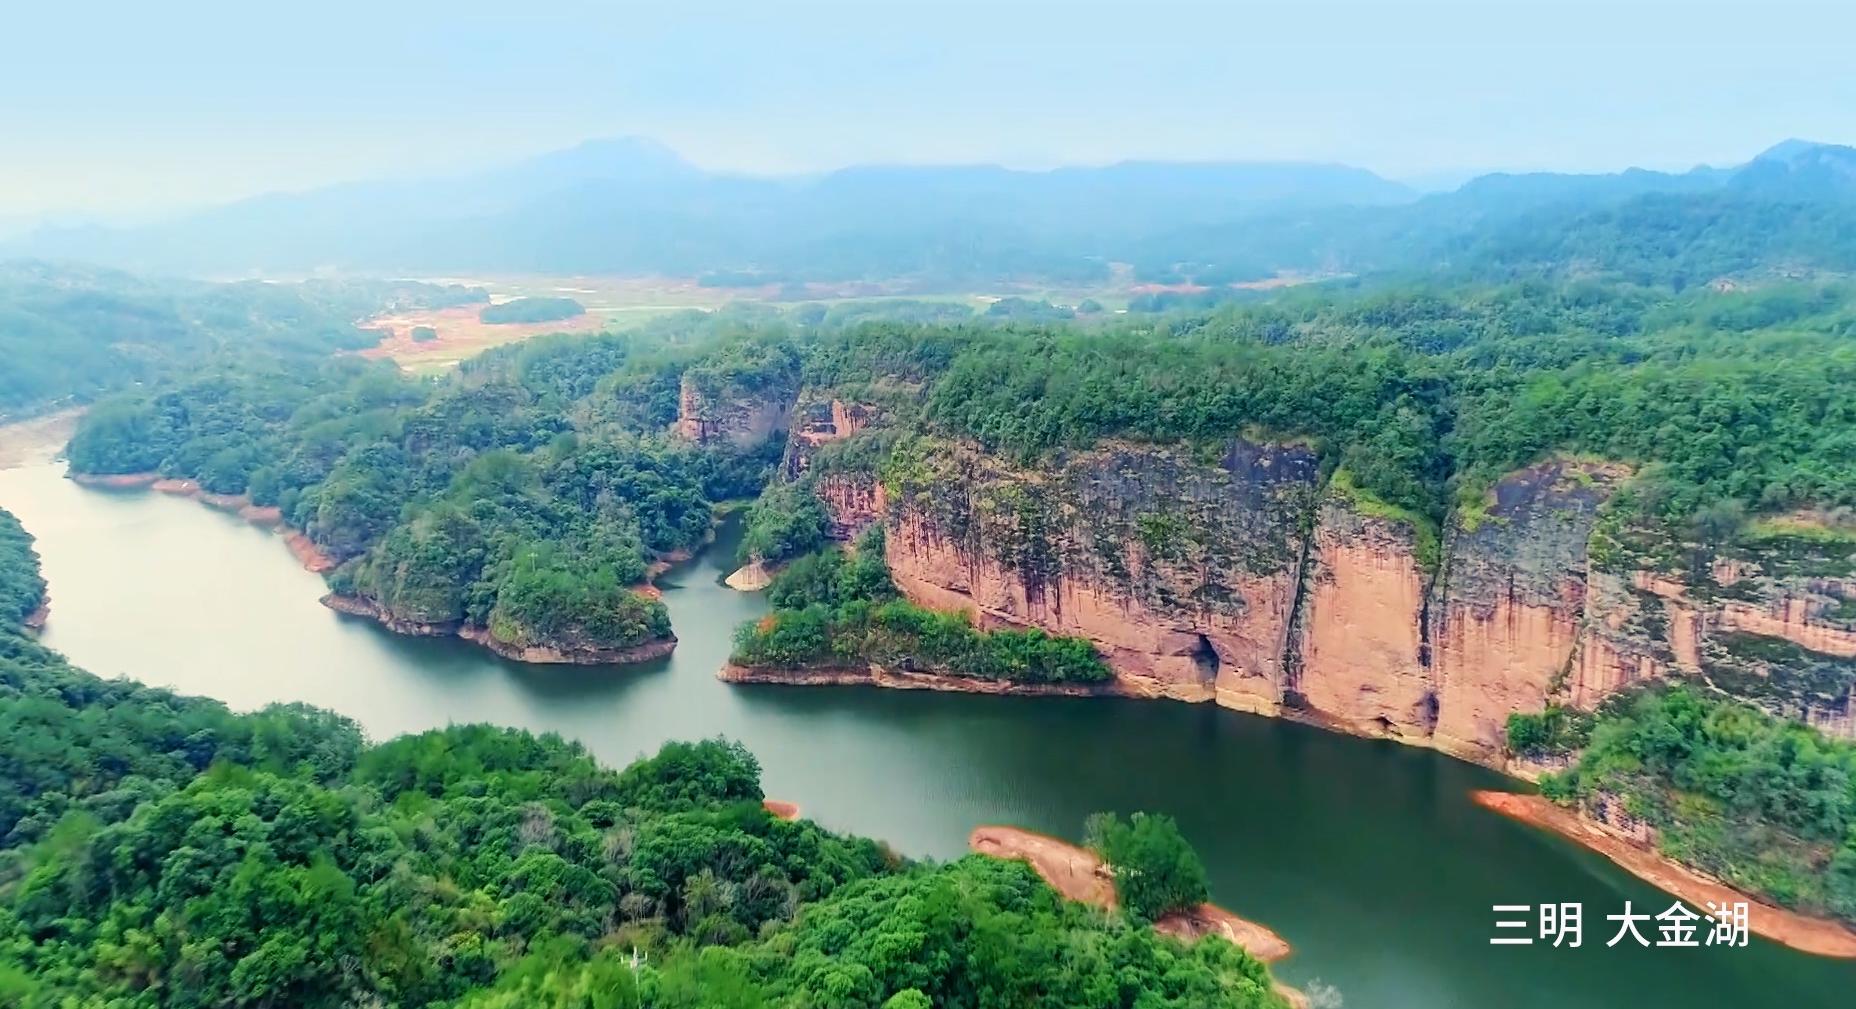 綠色生態享福之旅(6日遊)